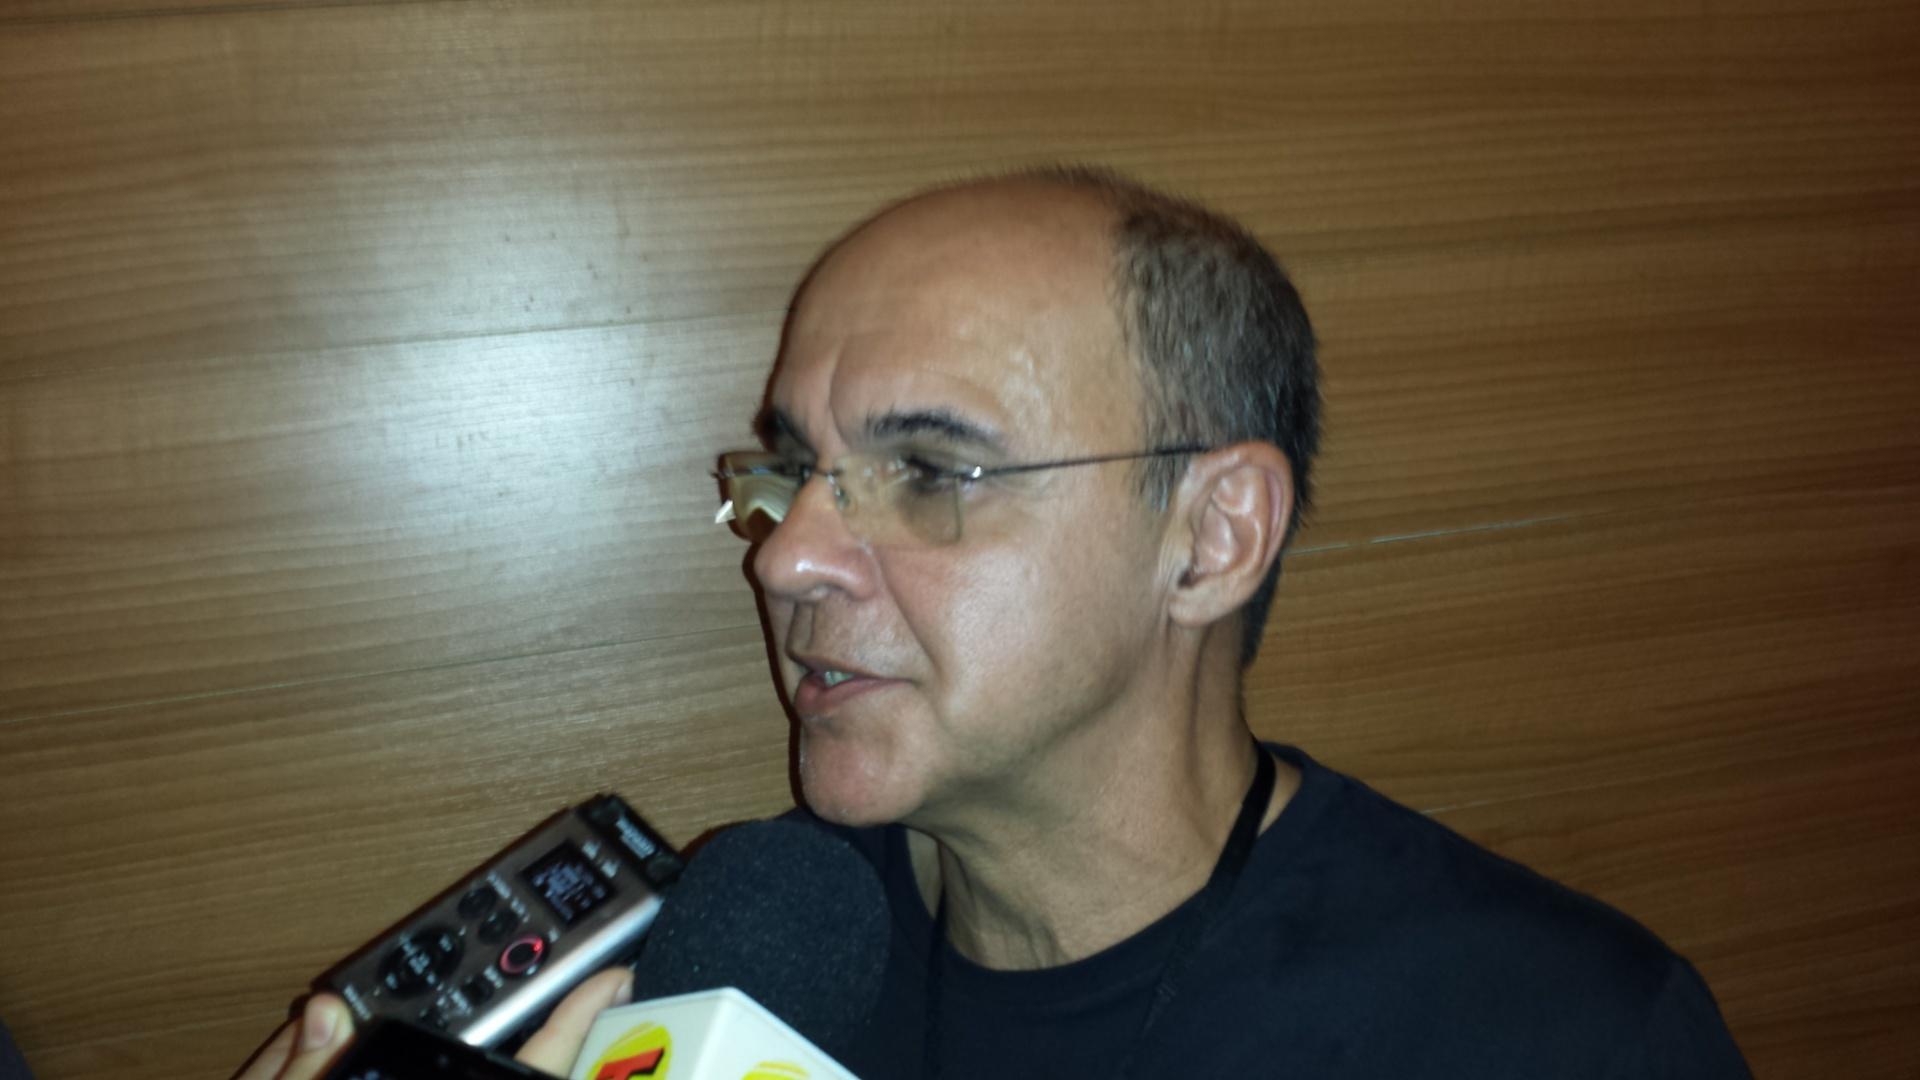 Eduardo Bandeira de Mello fez duras críticas à Ferj após a eliminação do Flamengo no Estadual